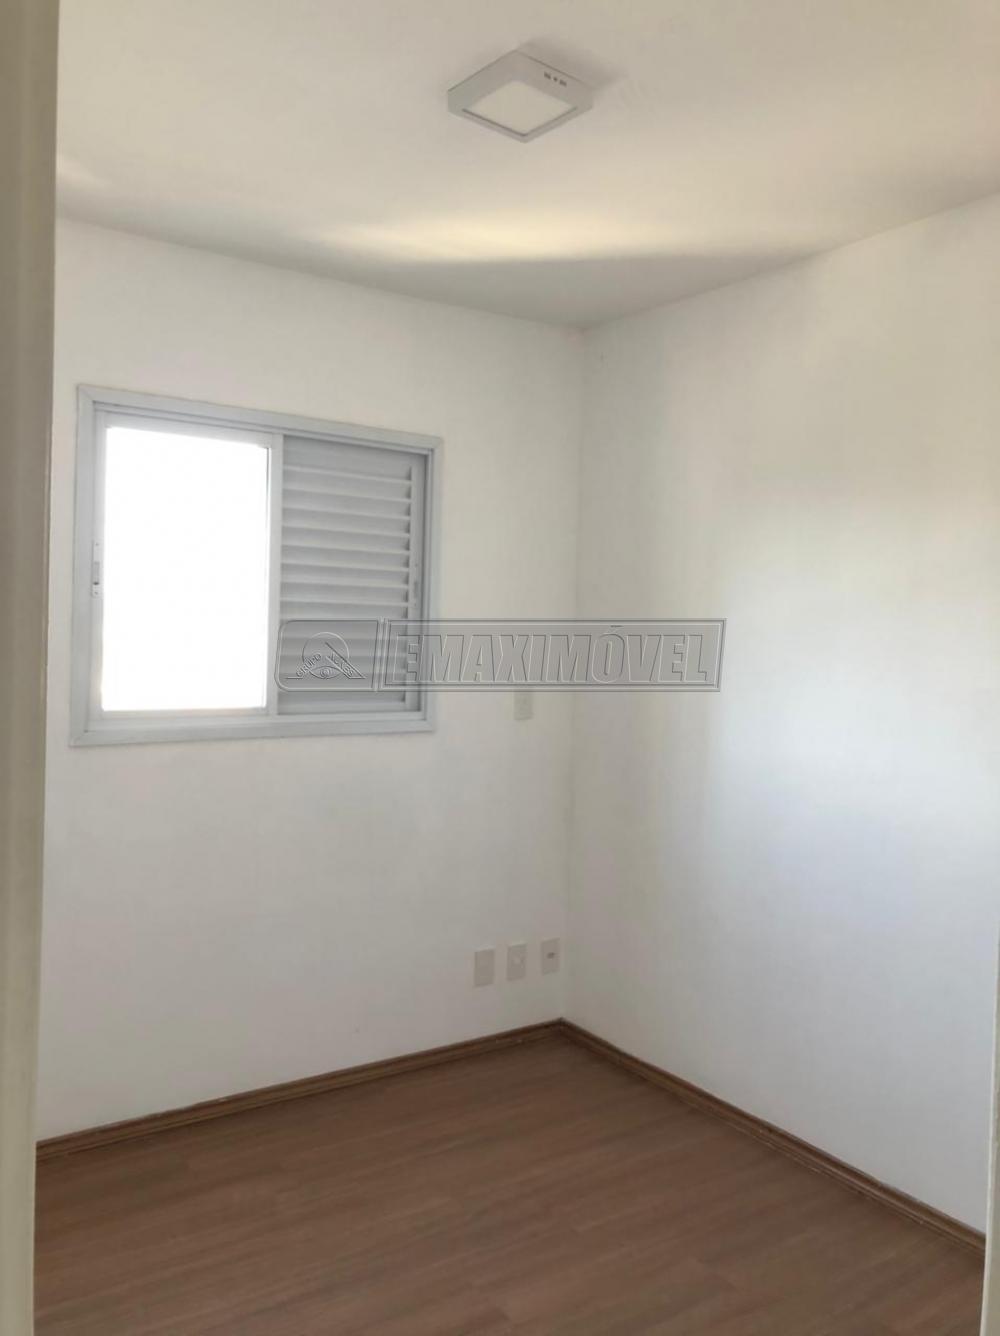 Comprar Apartamento / Padrão em Votorantim R$ 360.000,00 - Foto 10